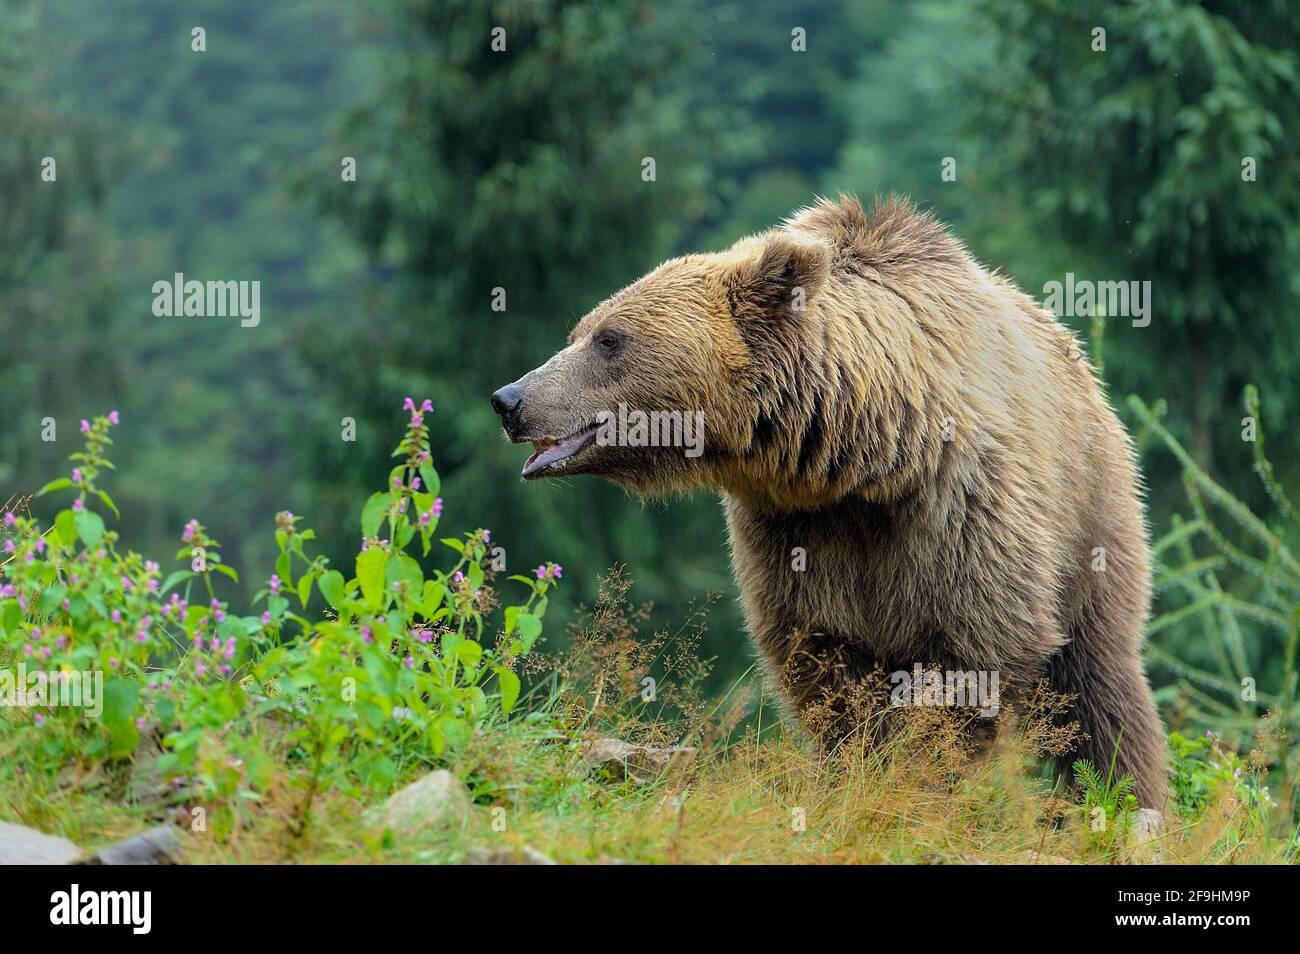 Wild  Brown Bear (Ursus Arctos) in the forest. Wild animal . Stock Photo